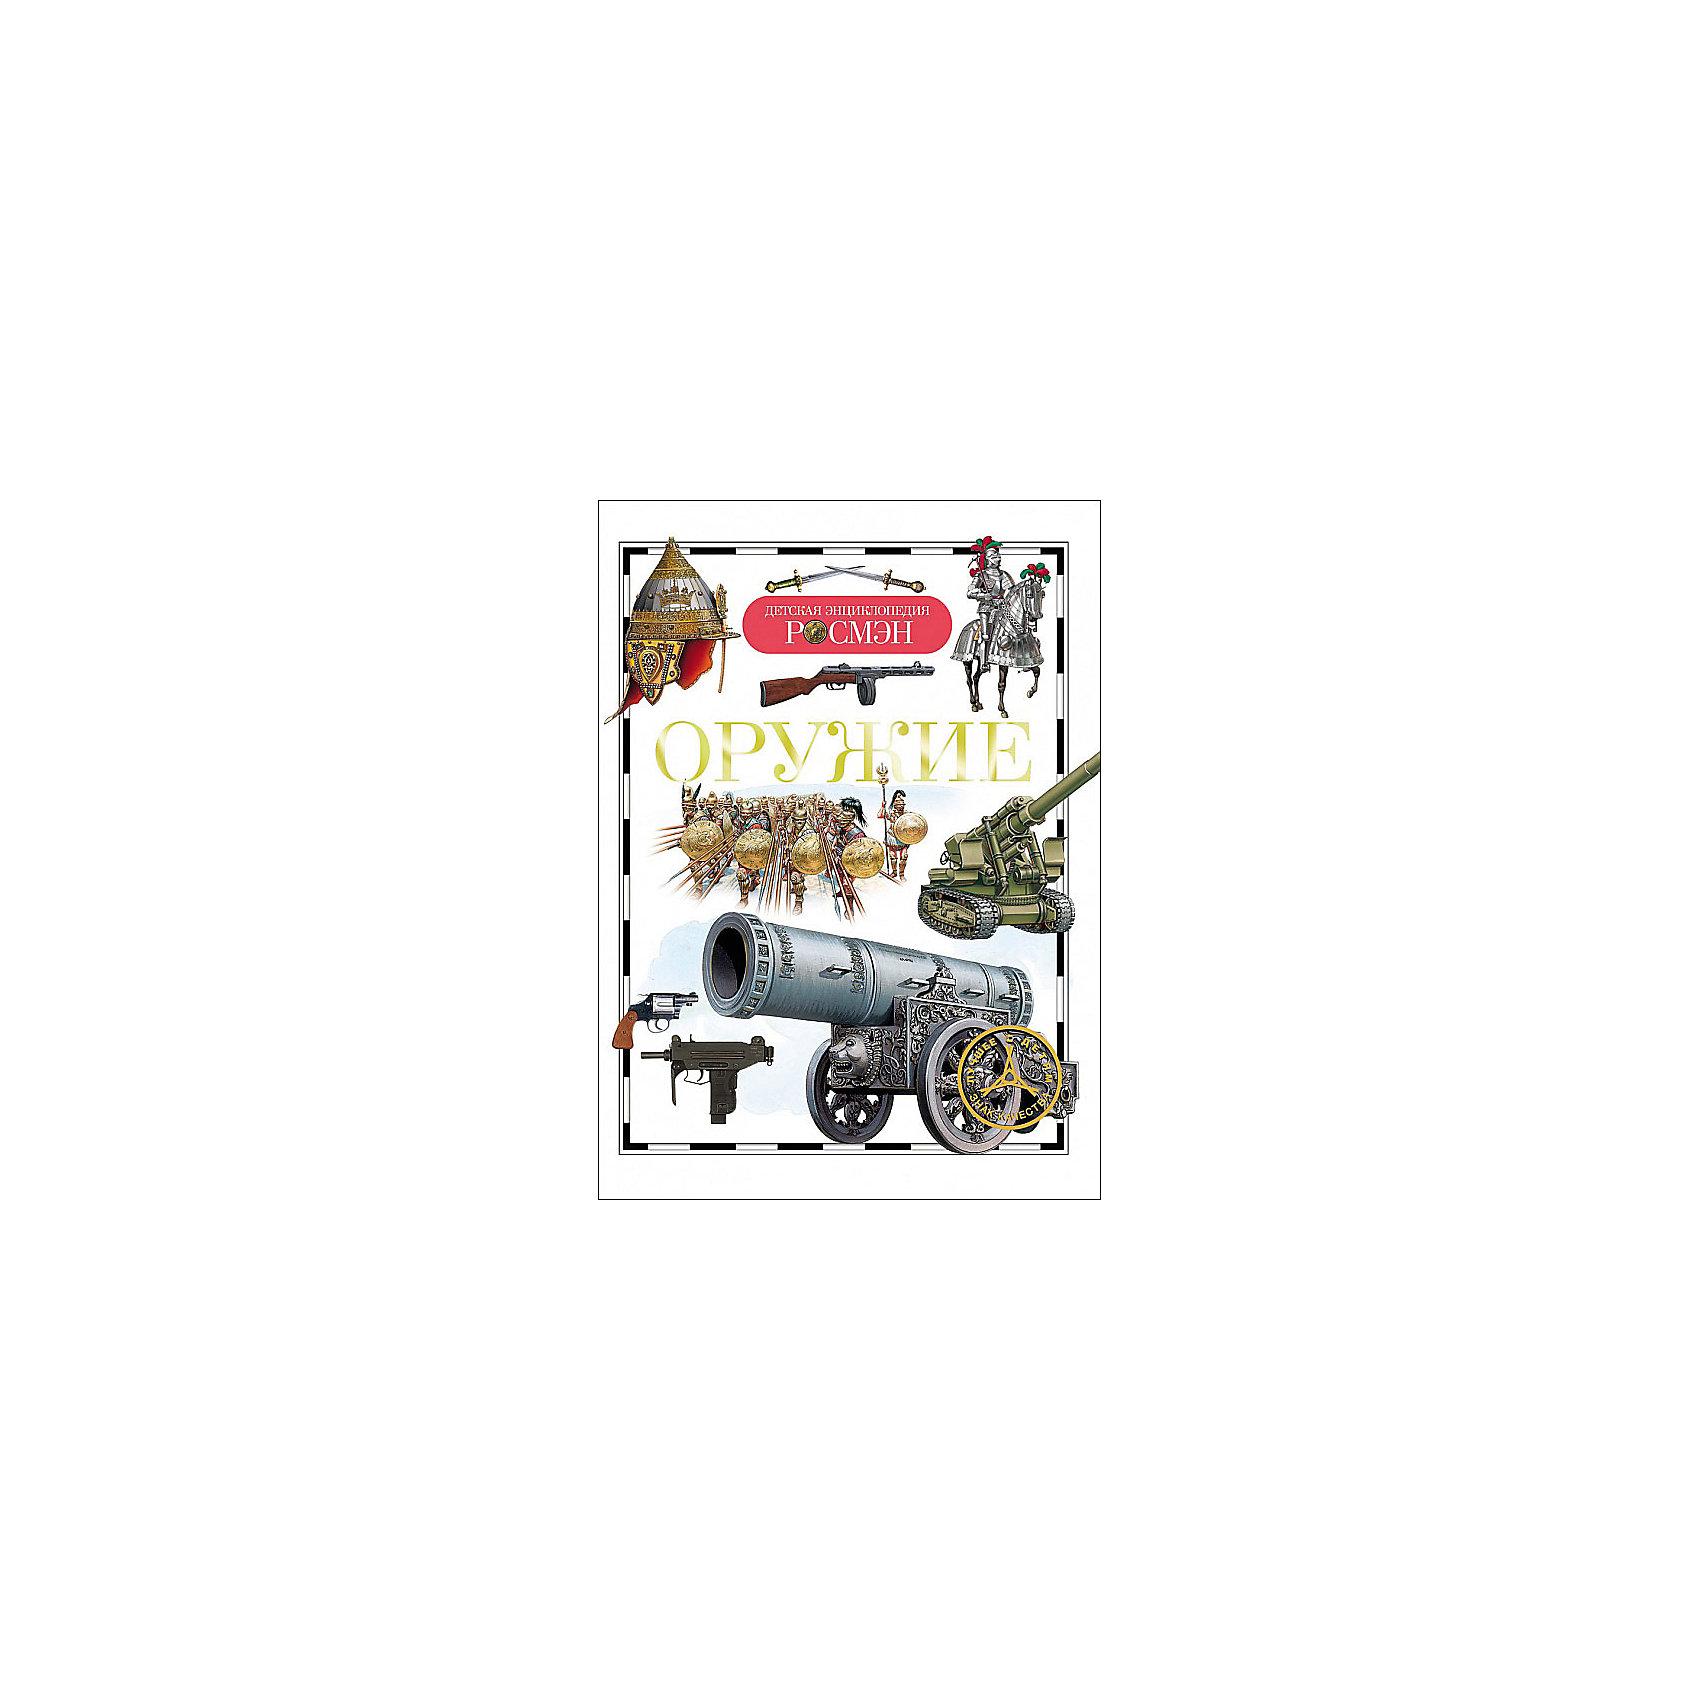 ОружиеДетские энциклопедии<br>Характеристики товара:<br><br>- цвет: разноцветный;<br>- материал: бумага;<br>- страниц: 96;<br>- формат: 17 x 21 см;<br>- обложка: твердая;<br>- цветные иллюстрации.<br><br>Эта интересная книга с иллюстрациями станет отличным подарком для ребенка. Она содержит в себе ответы на вопросы, которые интересуют малышей. Всё представлено в очень простой форме! Талантливый иллюстратор дополнил книгу качественными рисунками, которые помогают ребенку понять суть многих вещей в нашем мире. Удивительные и интересные факты помогут привить любовь к учебе!<br>Чтение - отличный способ активизации мышления, оно помогает ребенку развивать зрительную память, концентрацию внимания и воображение. Издание произведено из качественных материалов, которые безопасны даже для самых маленьких.<br><br>Книгу Оружие от компании Росмэн можно купить в нашем интернет-магазине.<br><br>Ширина мм: 220<br>Глубина мм: 165<br>Высота мм: 5<br>Вес г: 230<br>Возраст от месяцев: 84<br>Возраст до месяцев: 108<br>Пол: Унисекс<br>Возраст: Детский<br>SKU: 5109986